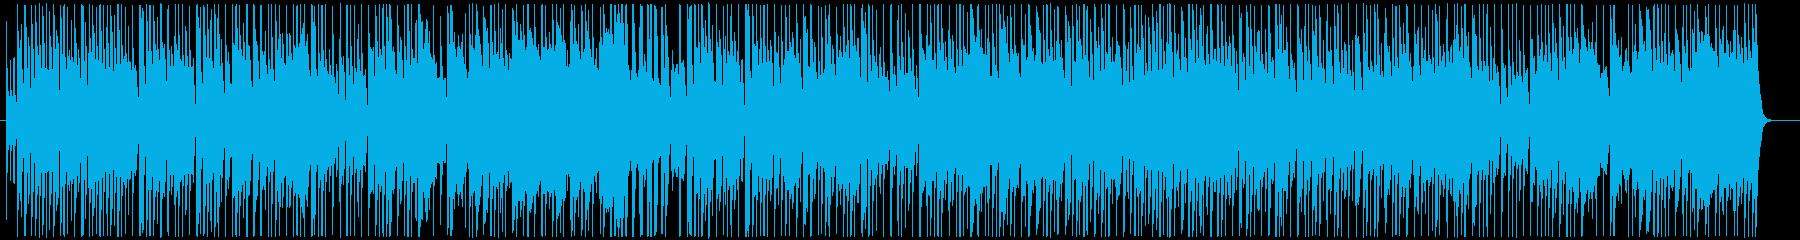 どこまでもほがらかに!明るく軽快なBGMの再生済みの波形